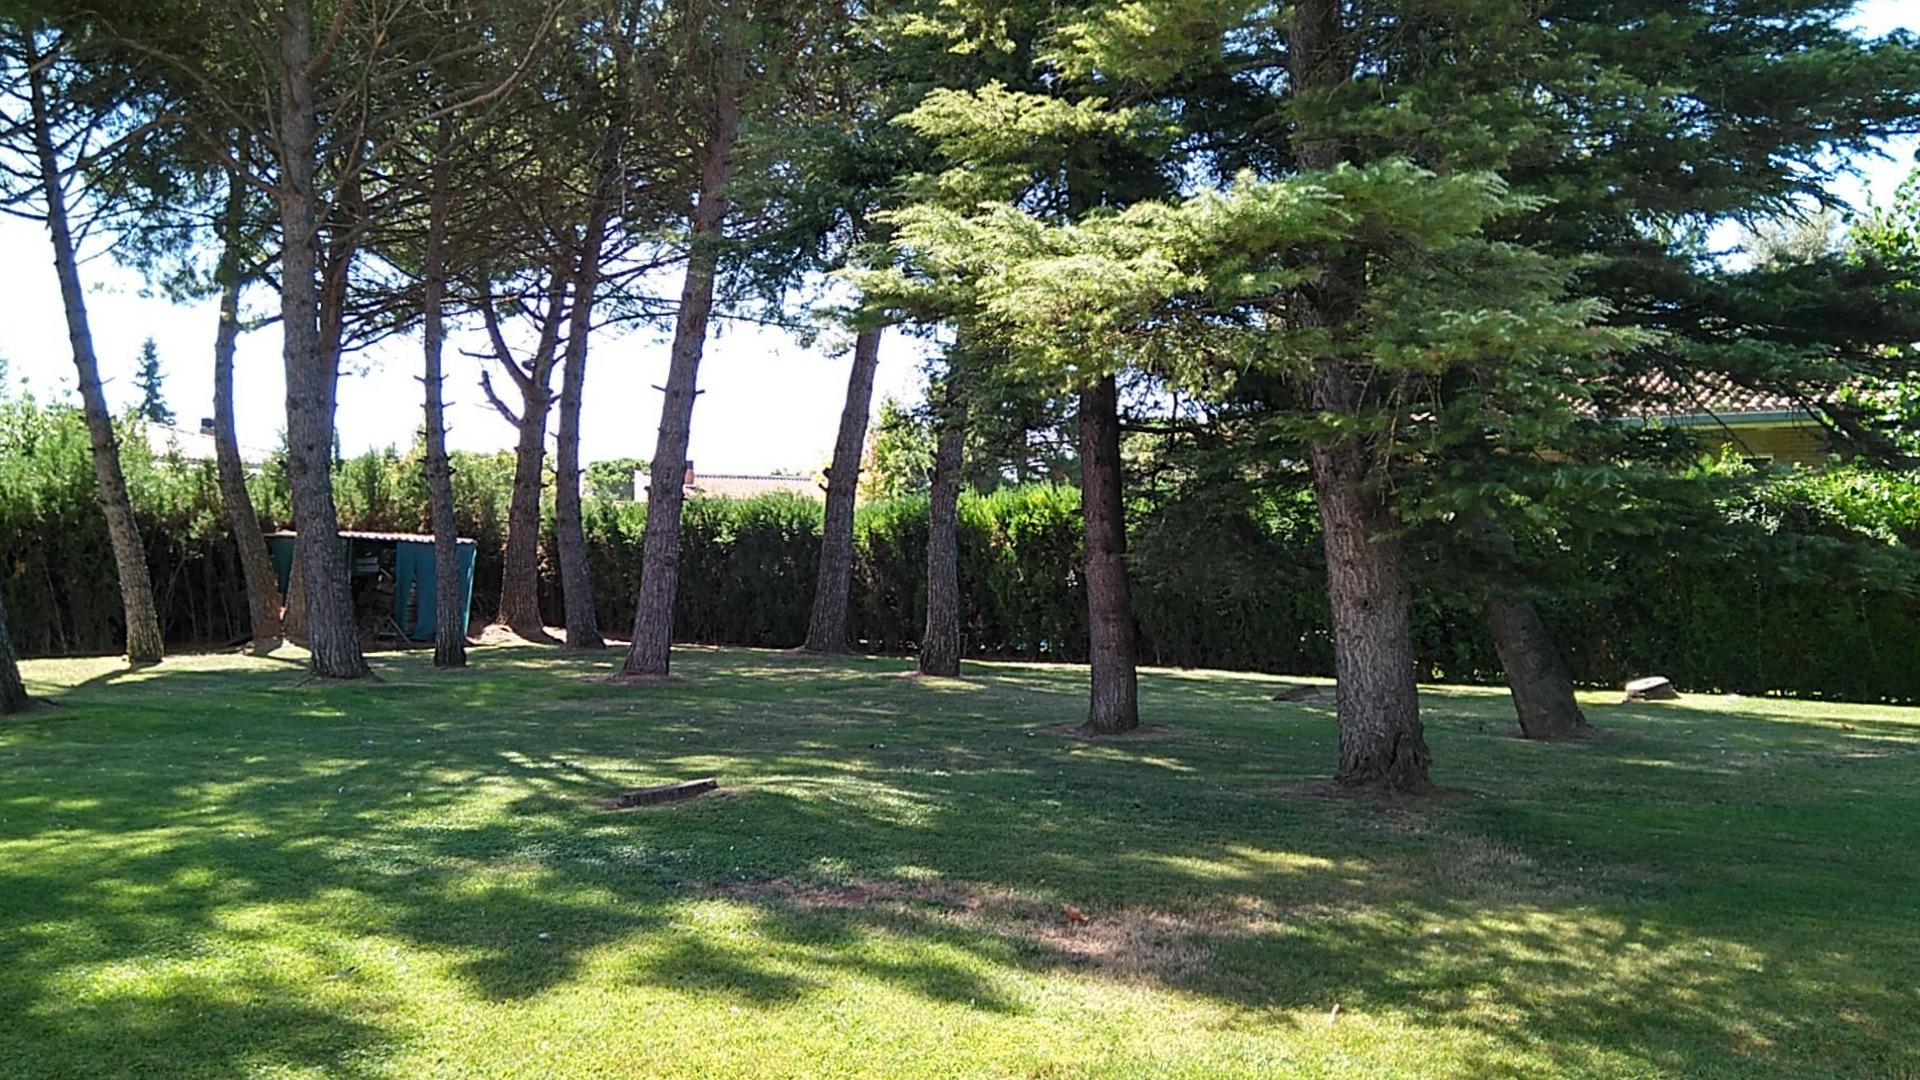 Solar urbano  Calle sant francesc , 34. Parcela con pinos de 30 años y césped. forma rectangular. sumini